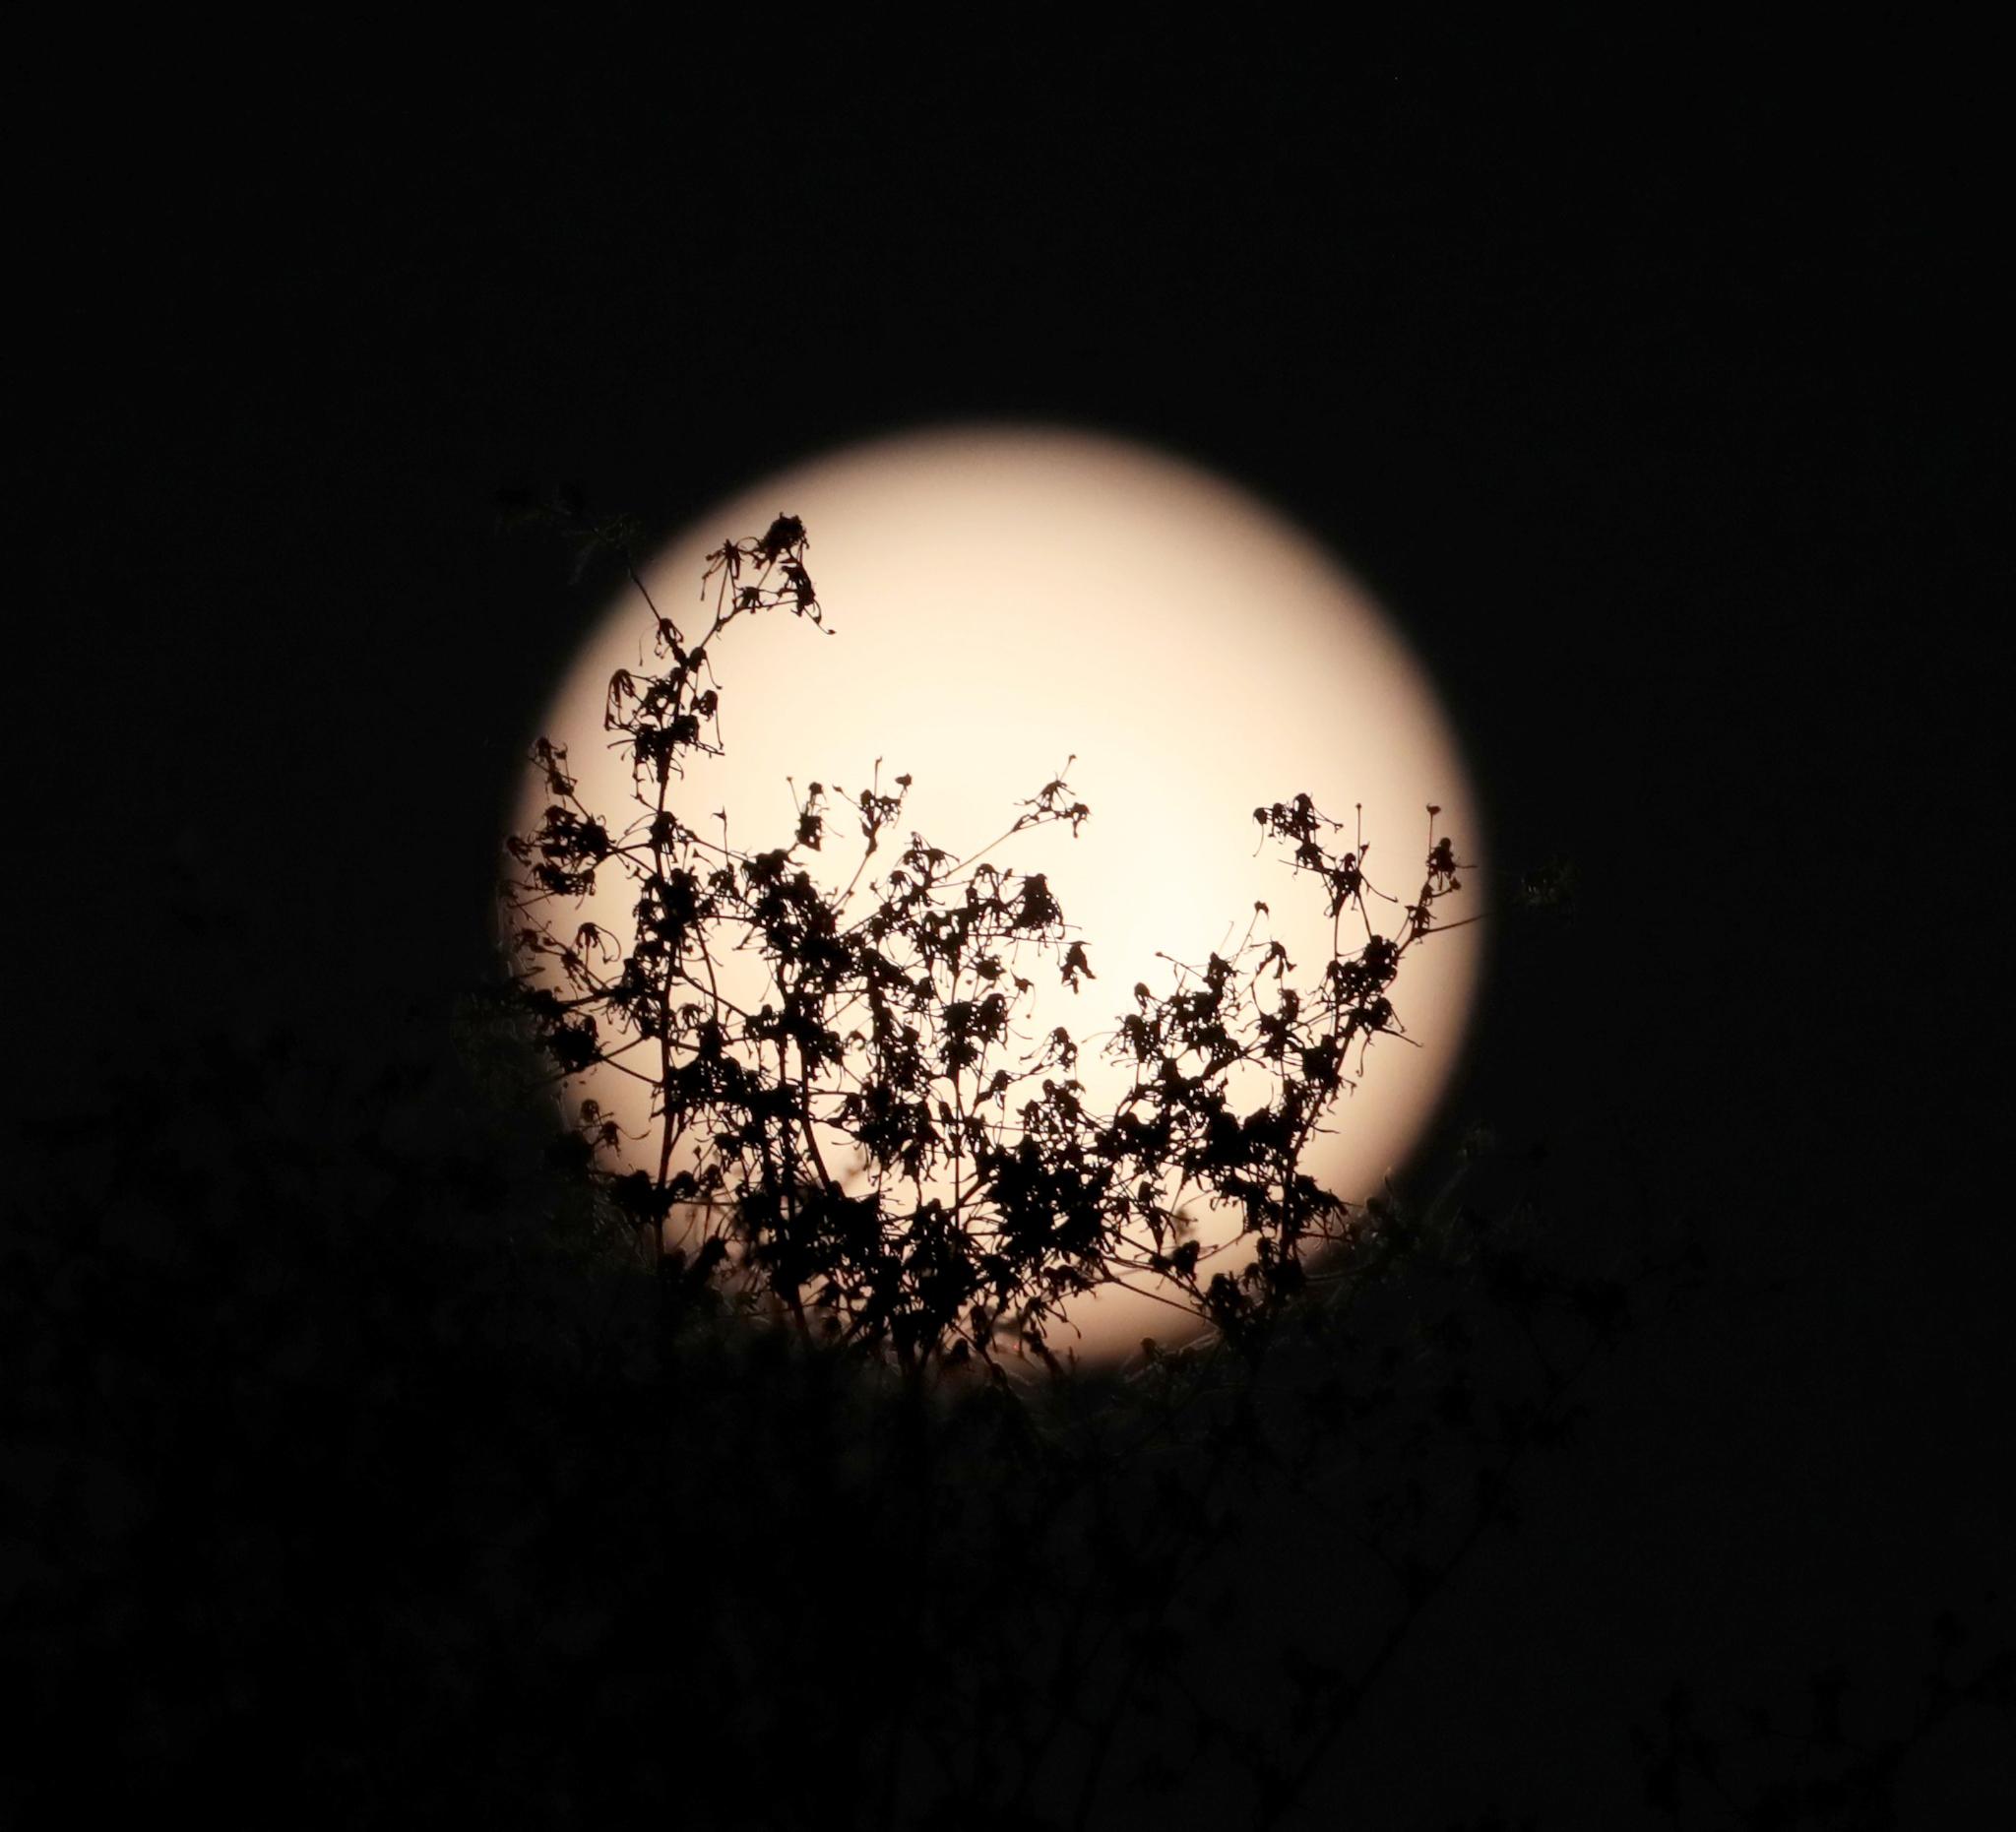 چاندنی میں دکھائی دینے والا جھاڑیوں کا ہیولہ۔ (© Xinhua/Li Ying via Getty Images)